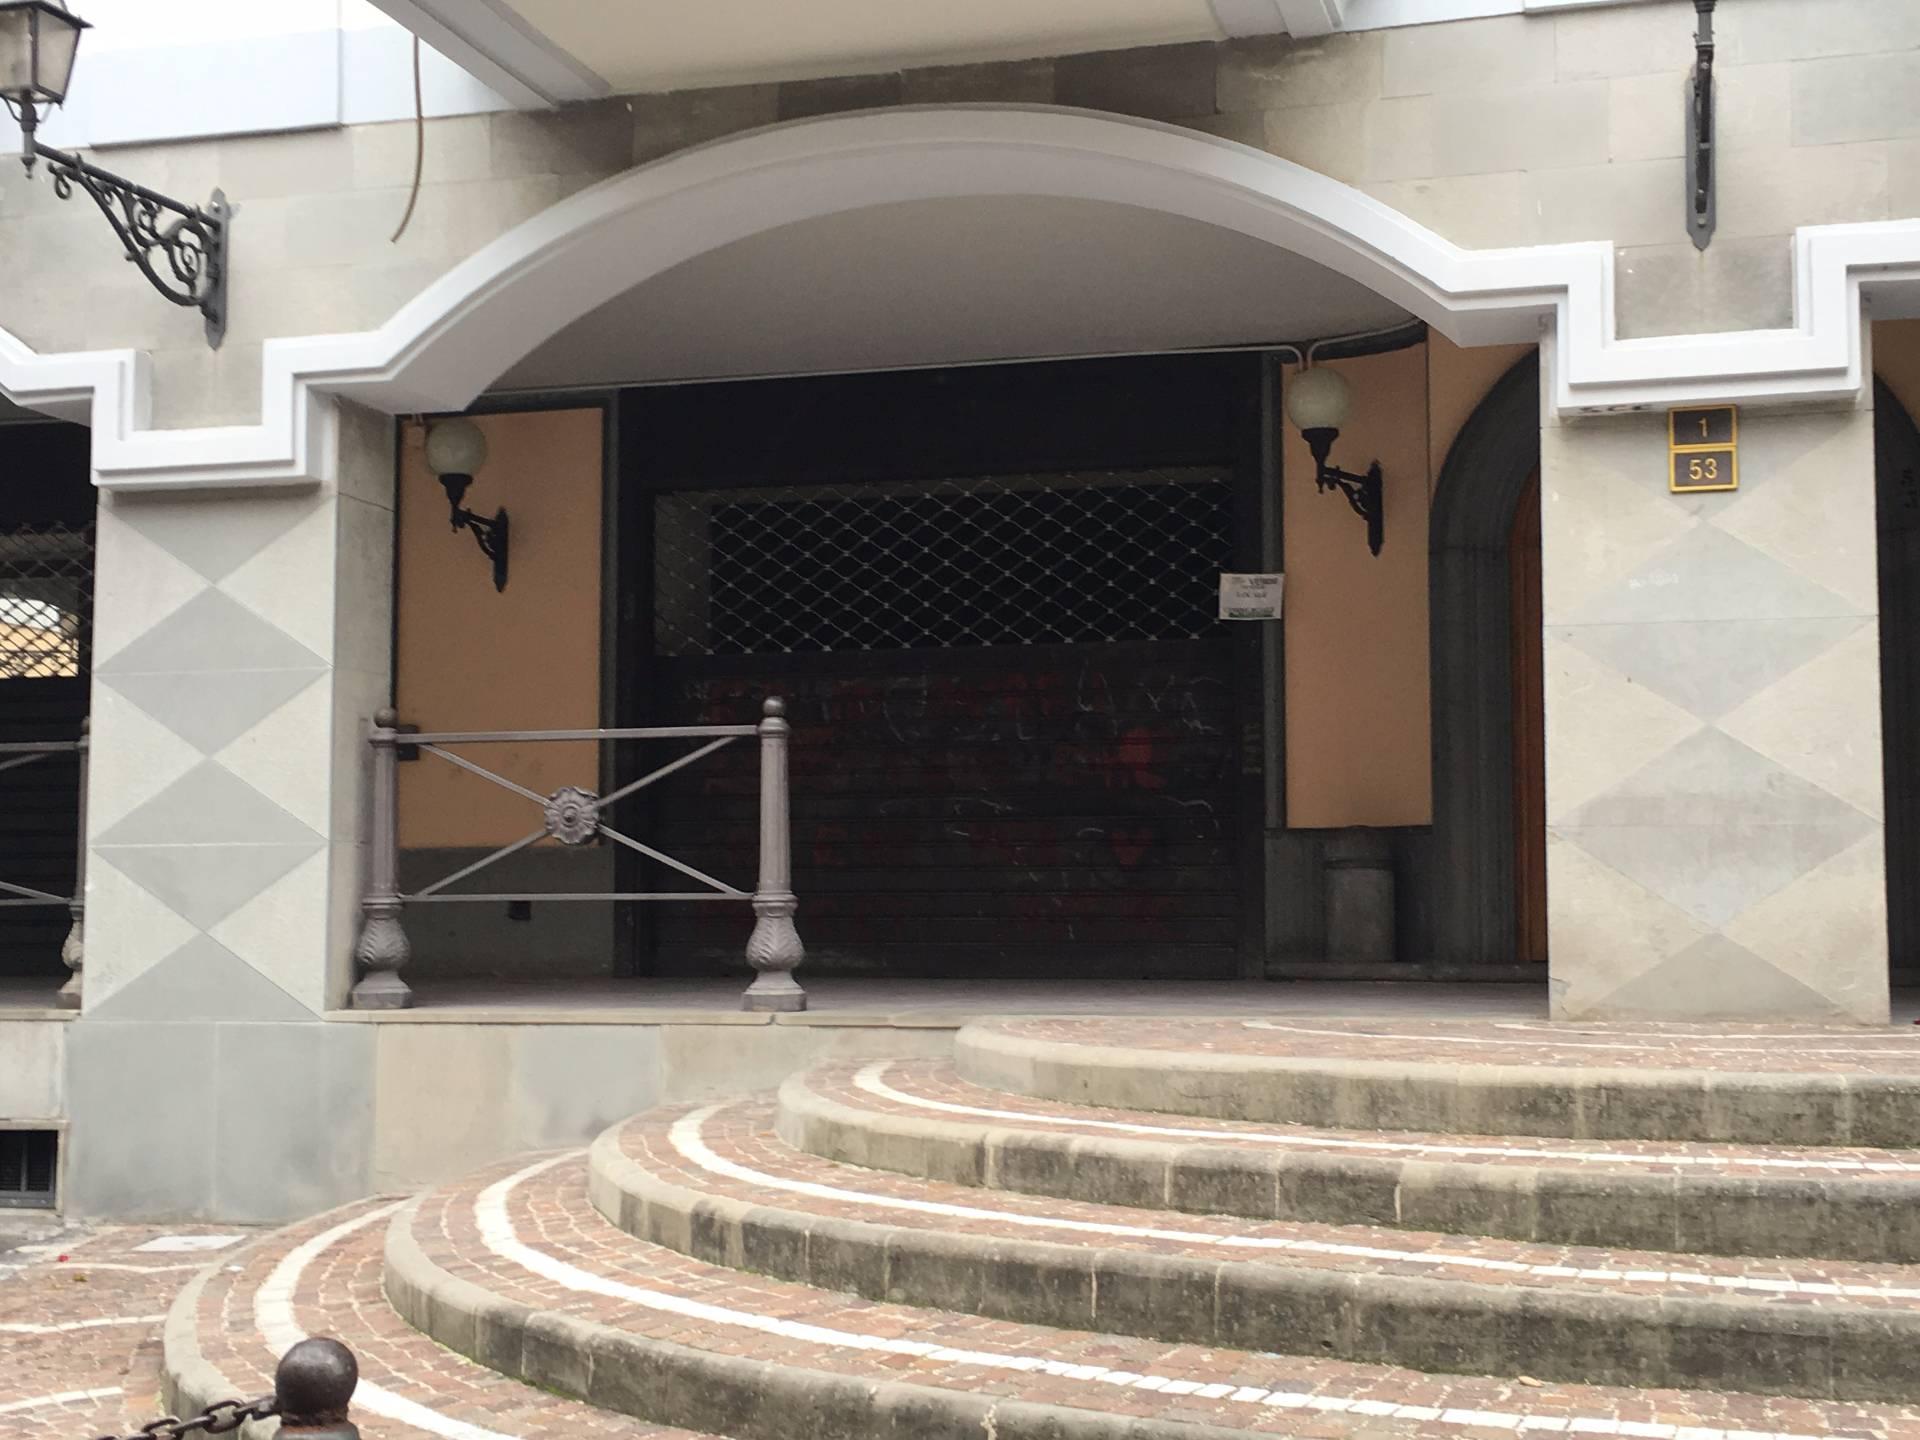 Negozio / Locale in vendita a Ottaviano, 9999 locali, prezzo € 40.000 | Cambio Casa.it